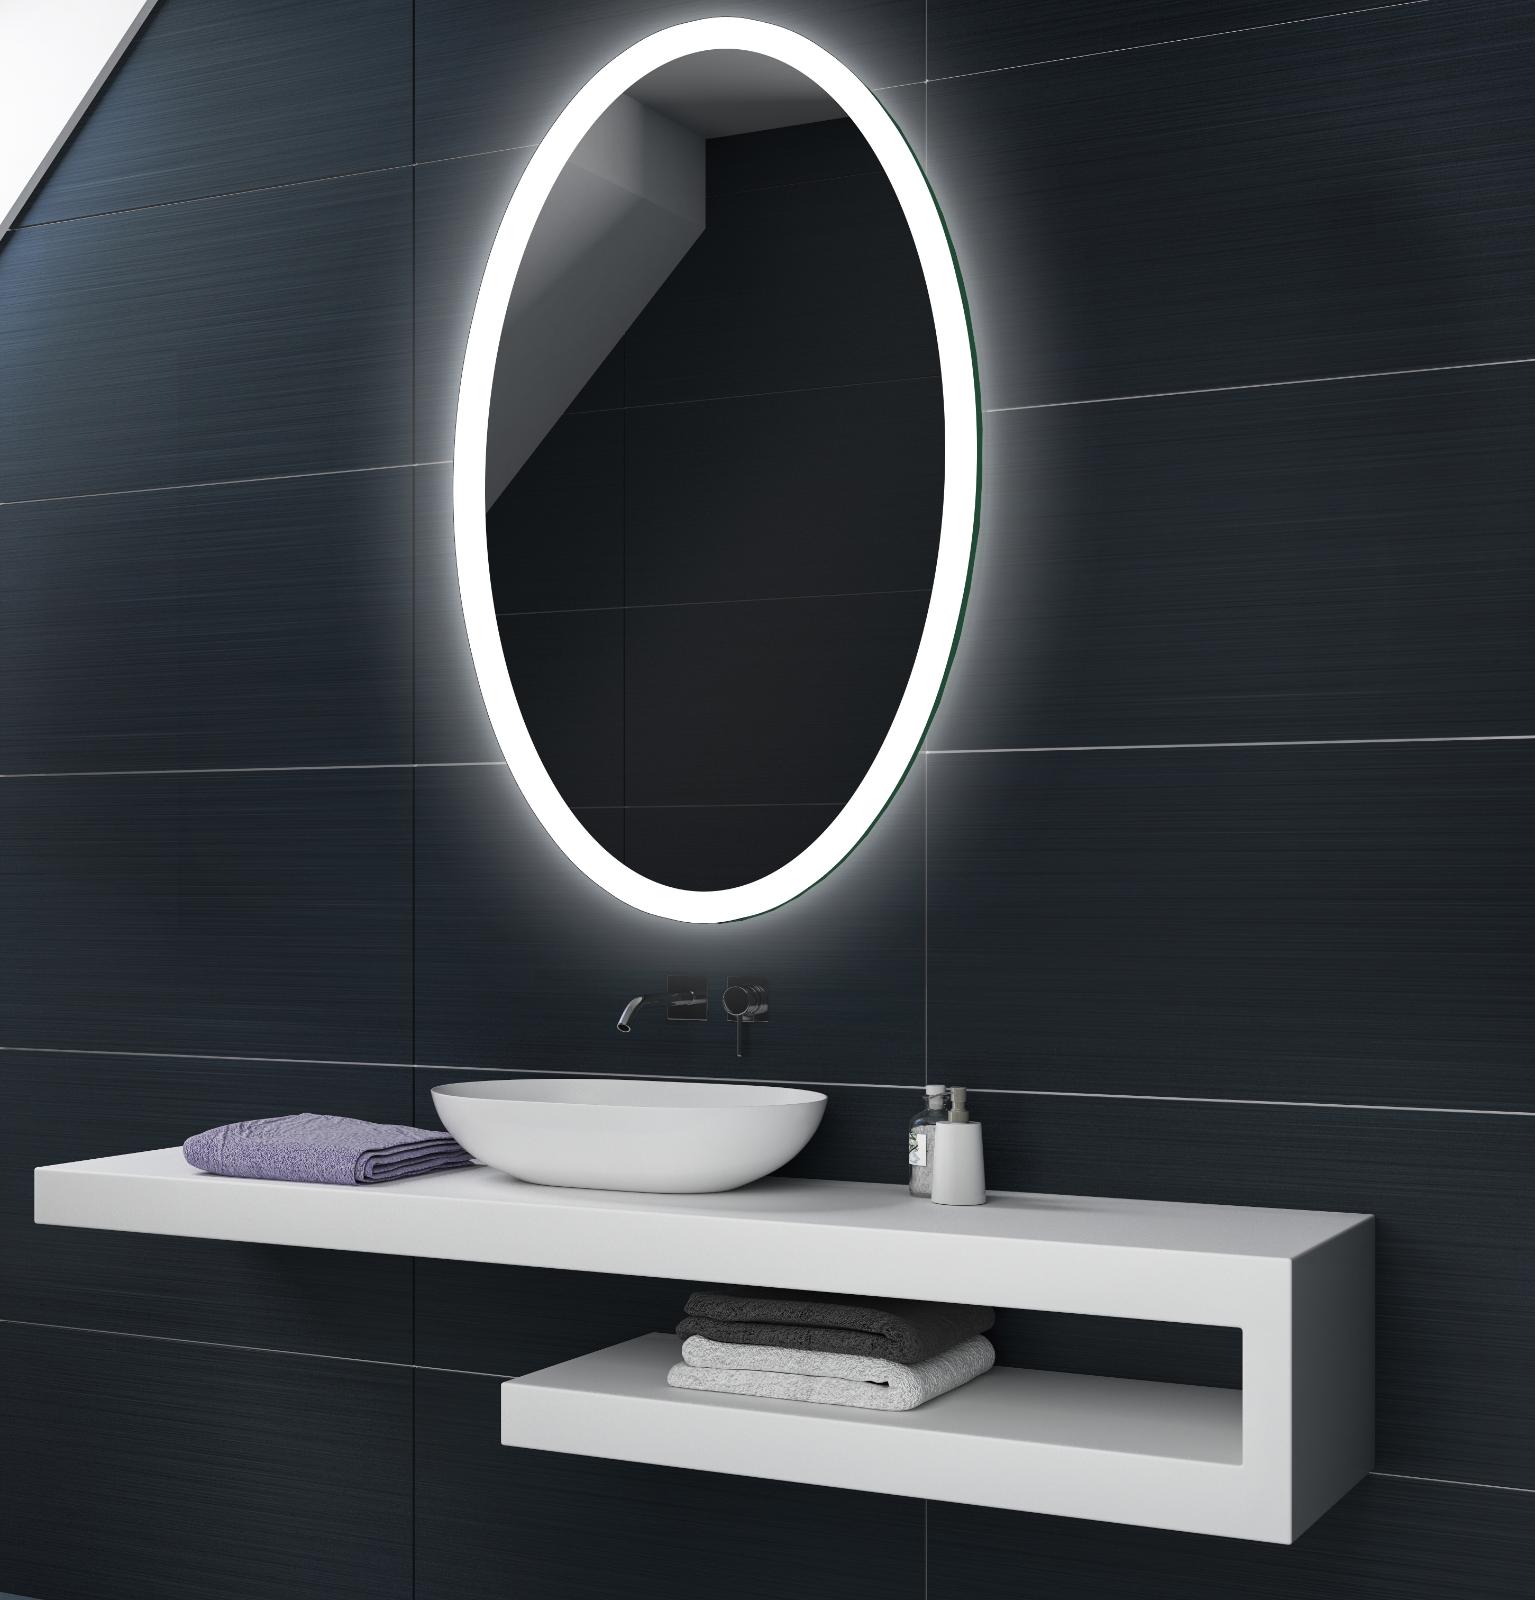 Illumination LED miroir sur mesure eclairage salle de bain L74